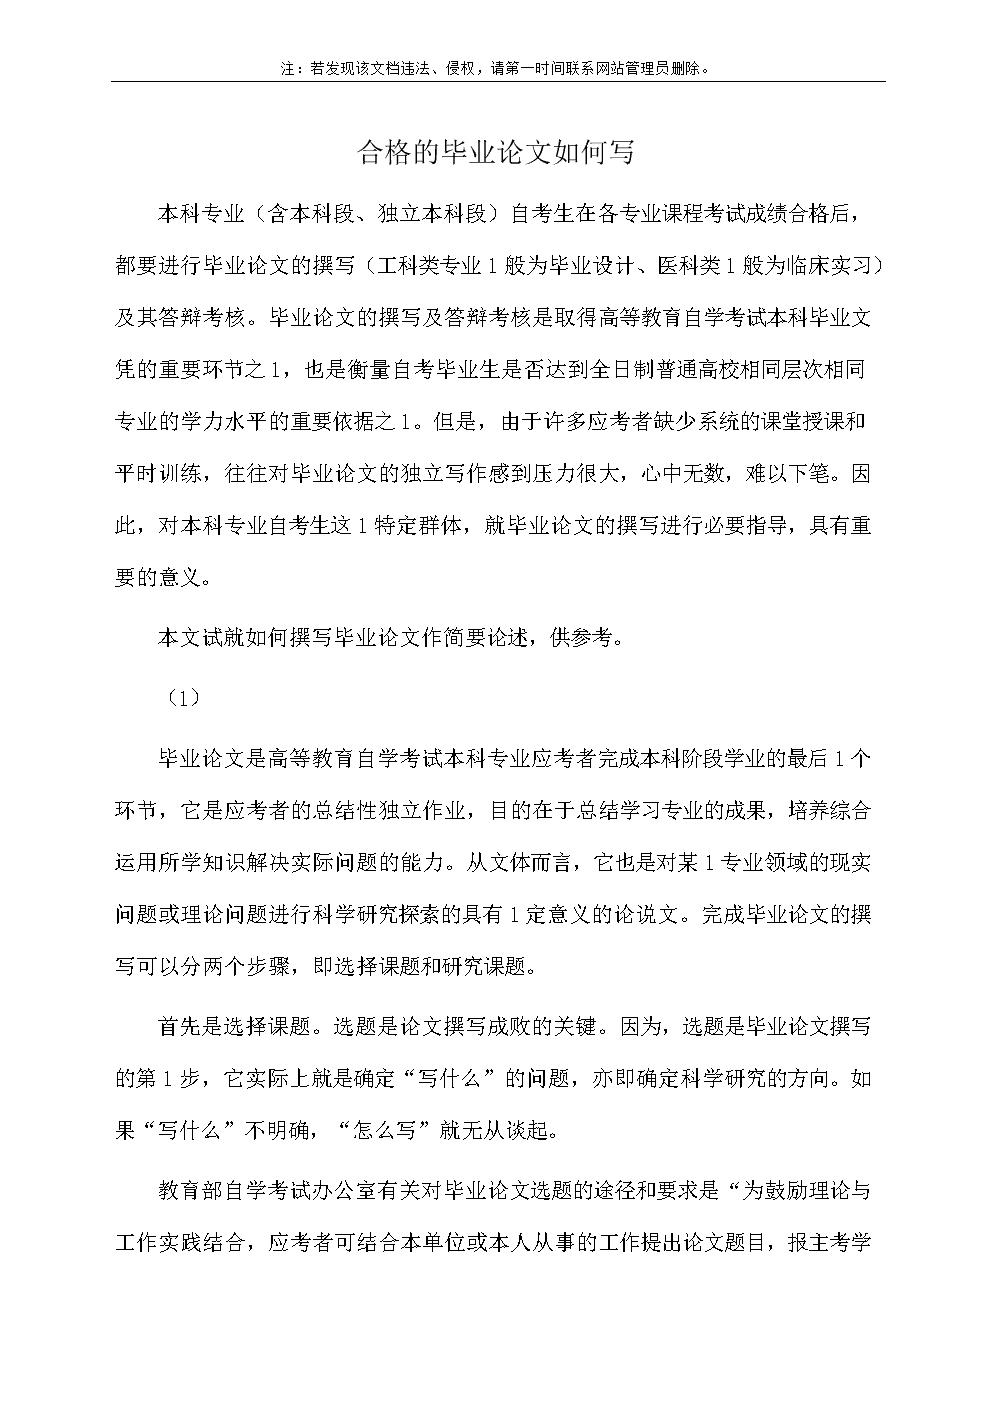 合格的畢業論文如何寫(心得體會).docx